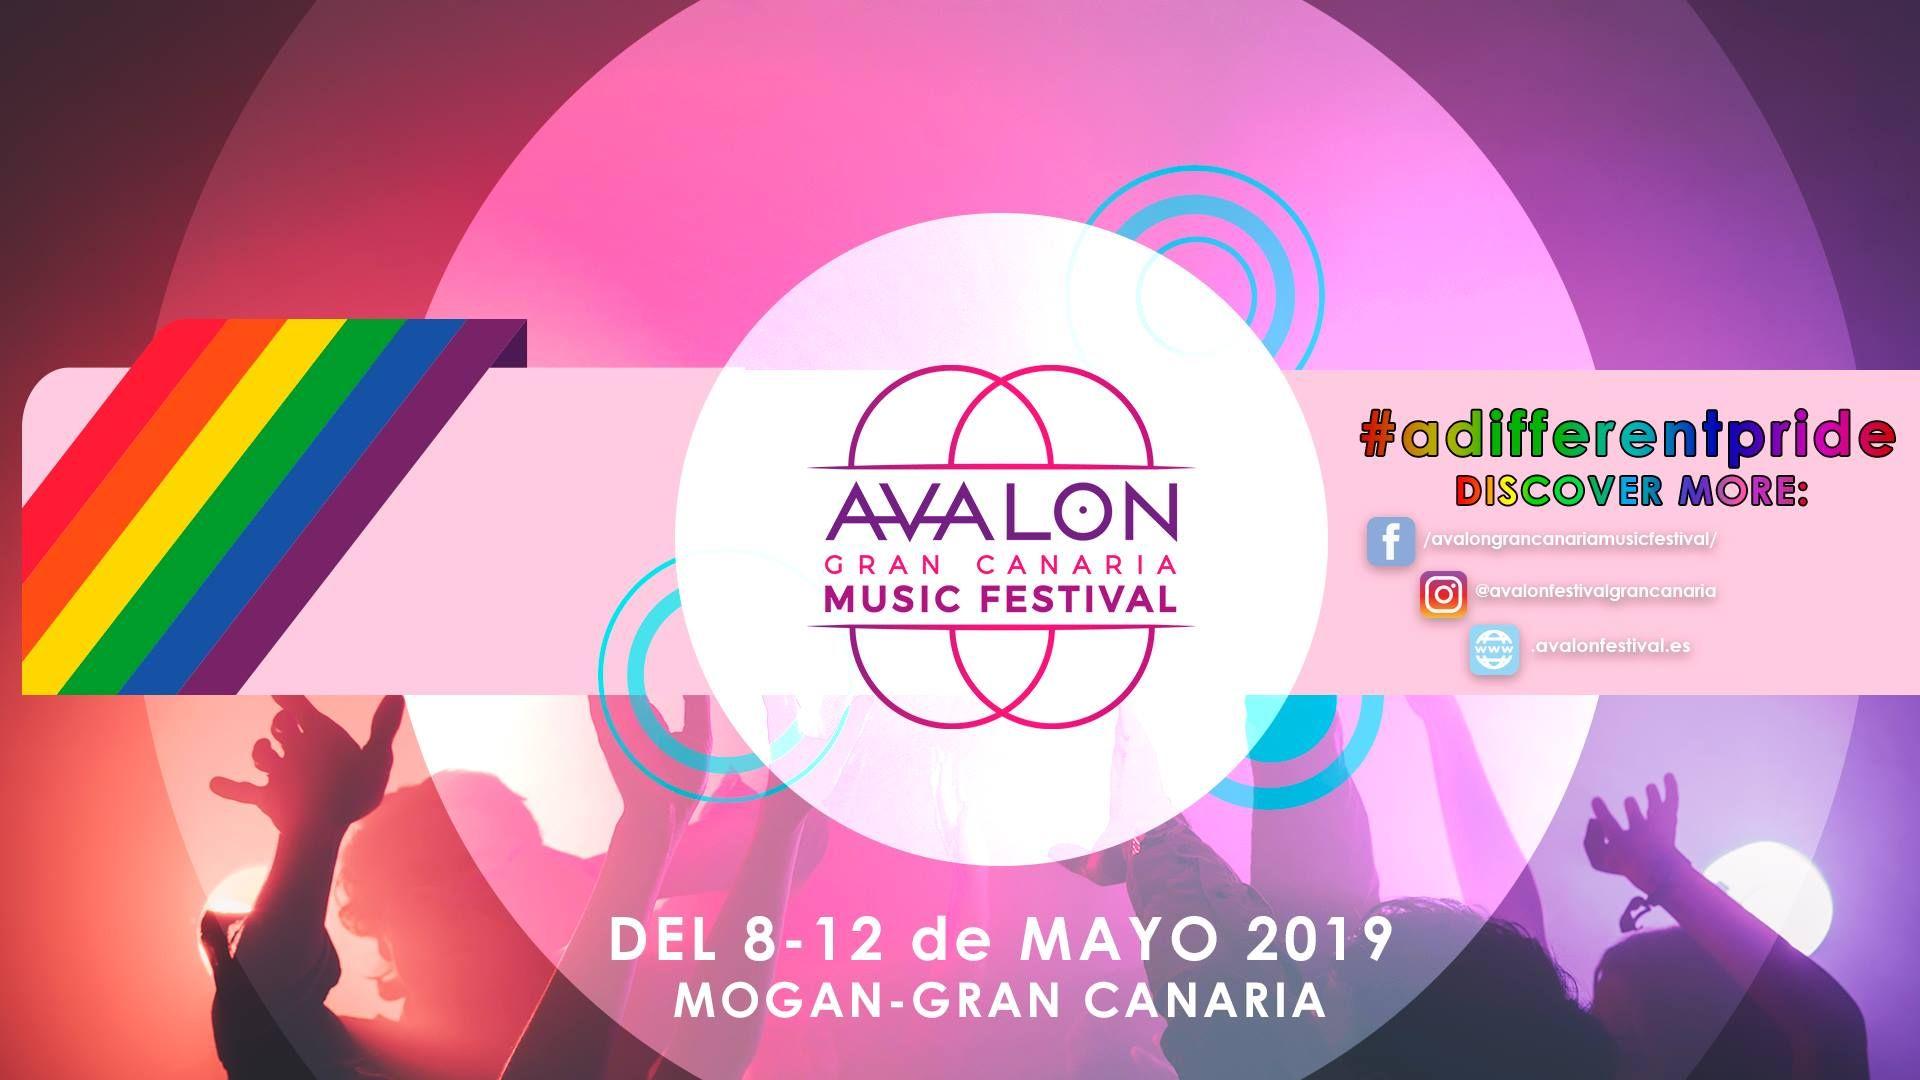 Foto de AVALON Gran Canaria Music Festival